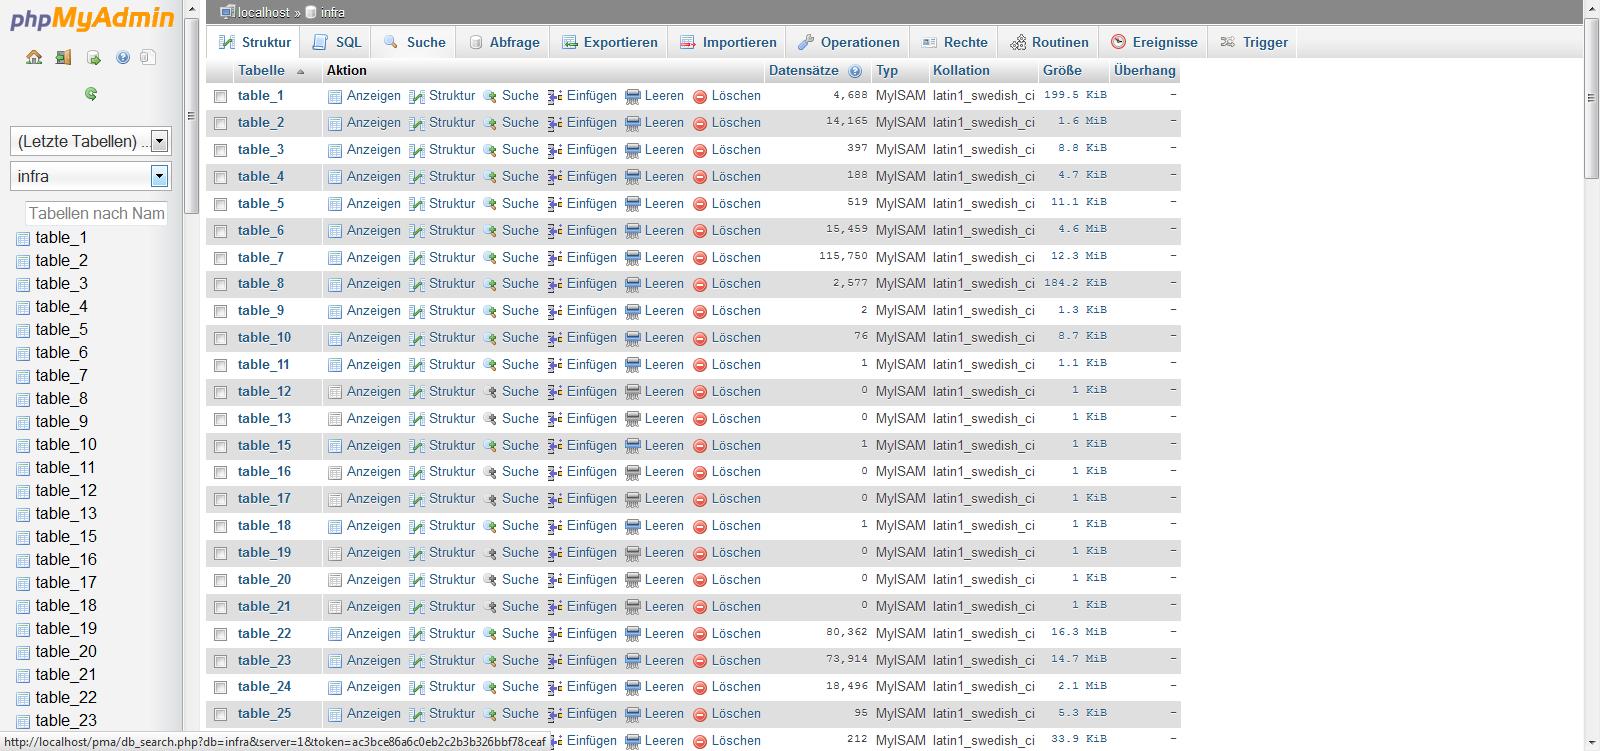 infranet-datenbank-auf-einem-linux-server-bearbeitet-mit-phpmyadmin